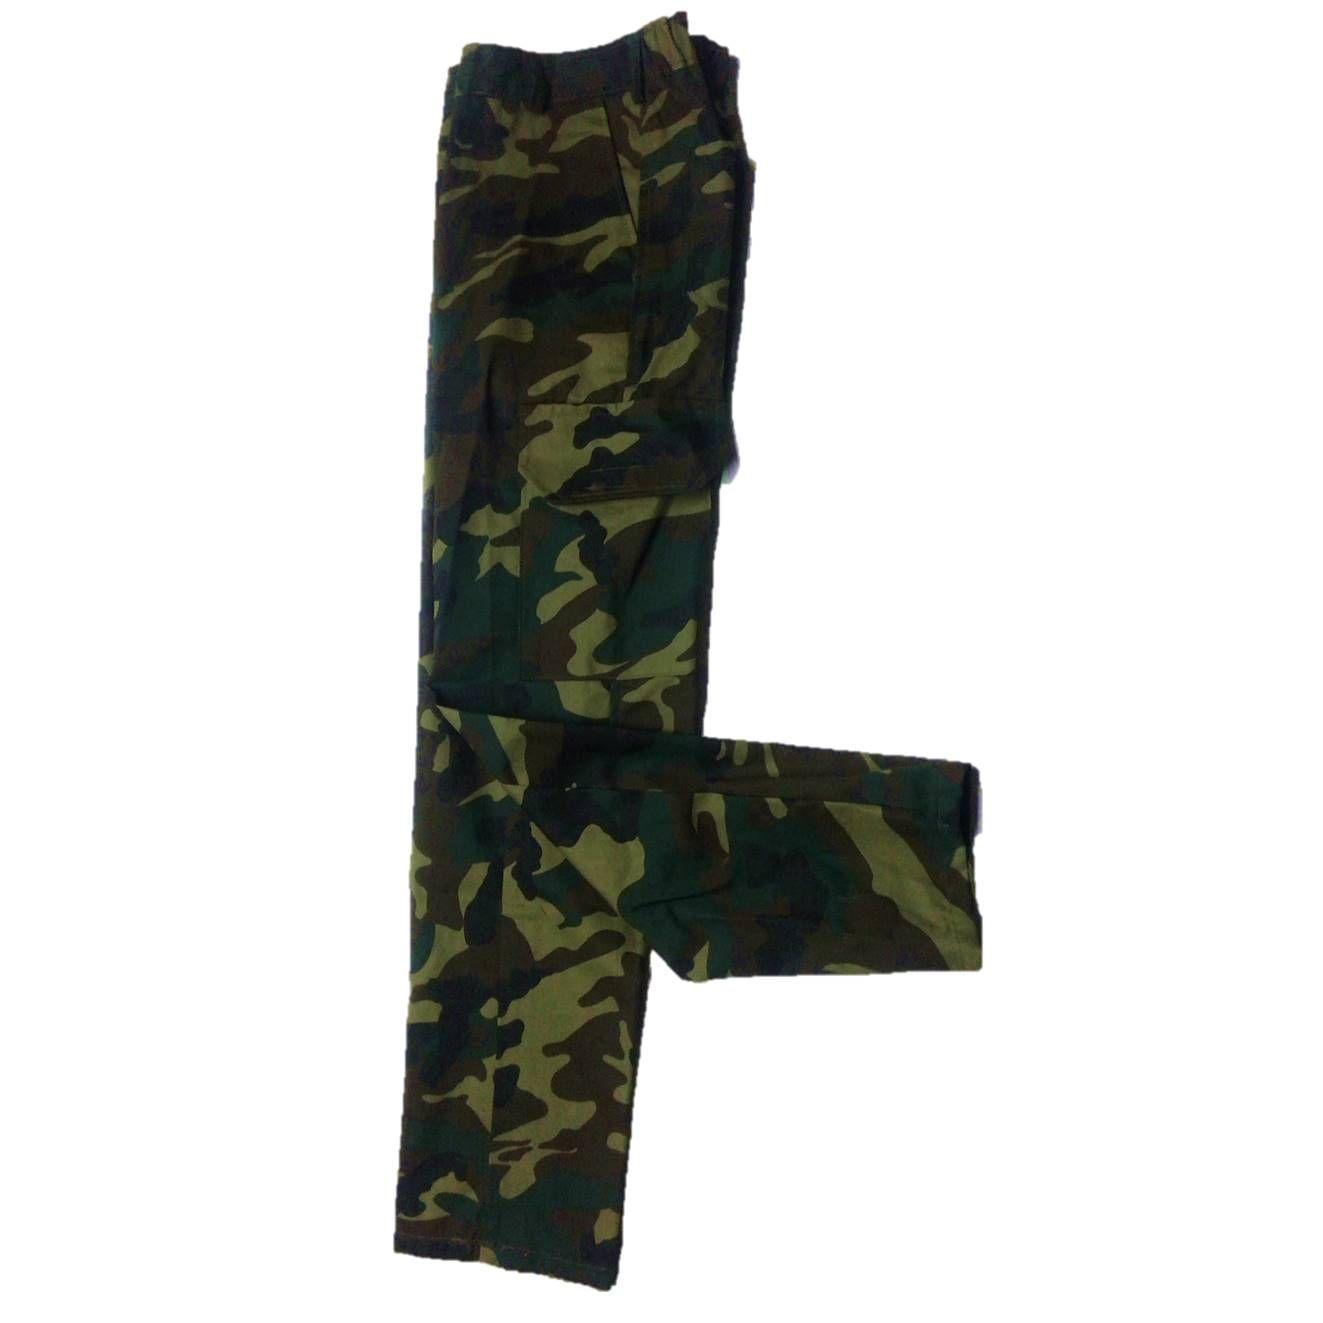 Pantalon niño camuflaje para conjunto de chaleco y camisa varias tallas: Tienda online de Artículos de Caza